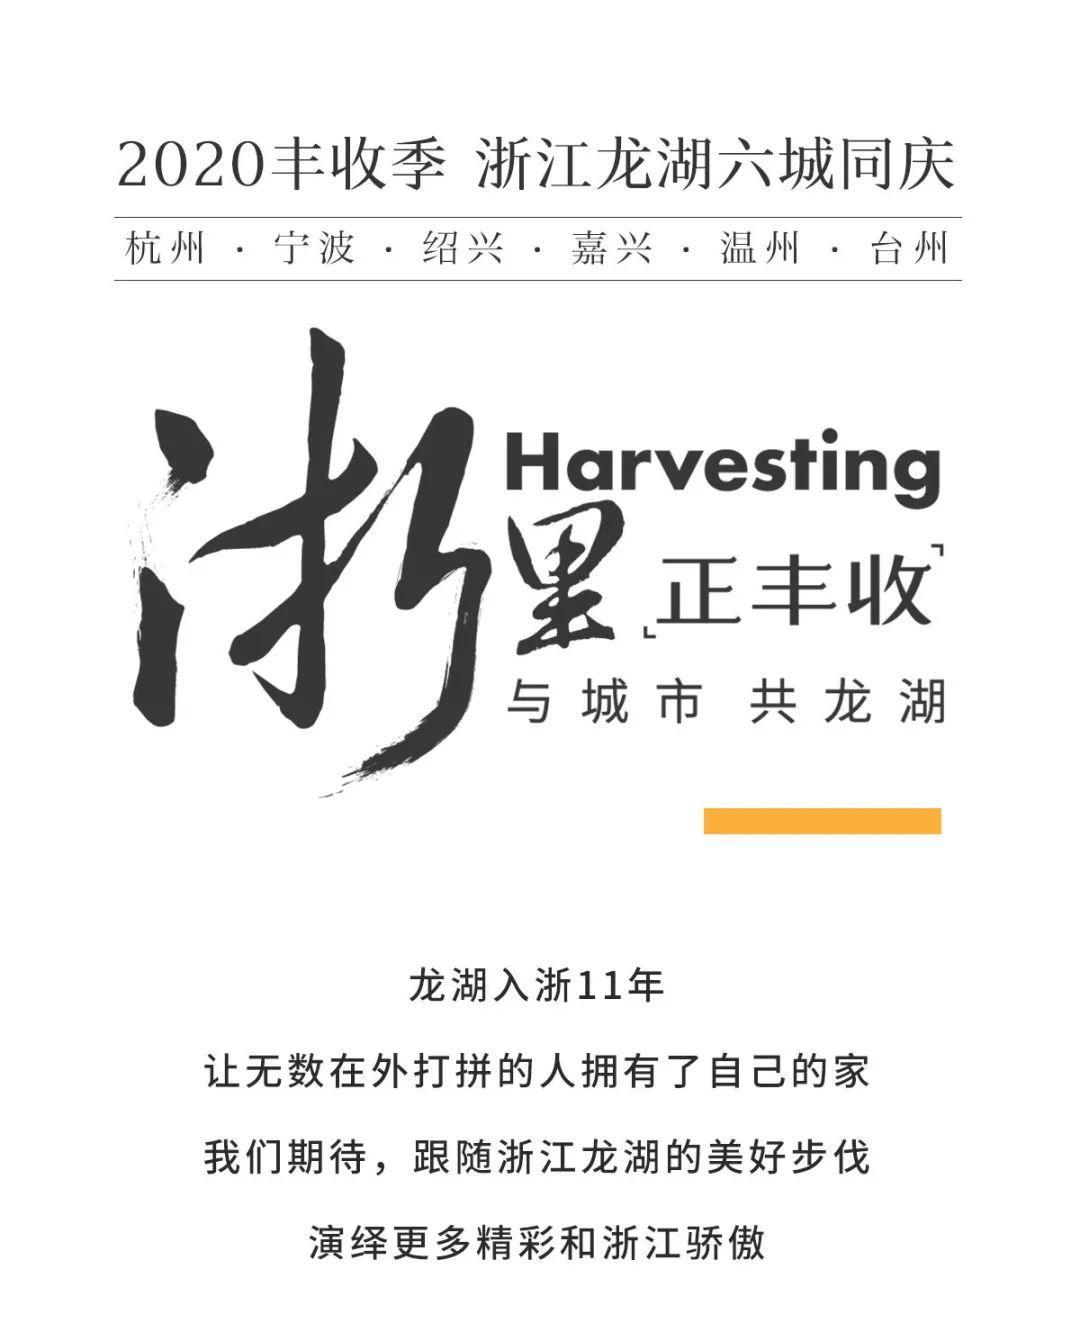 内含福利!2020年 · 秋,我们在浙里迎来了一场新的丰收!(图5)